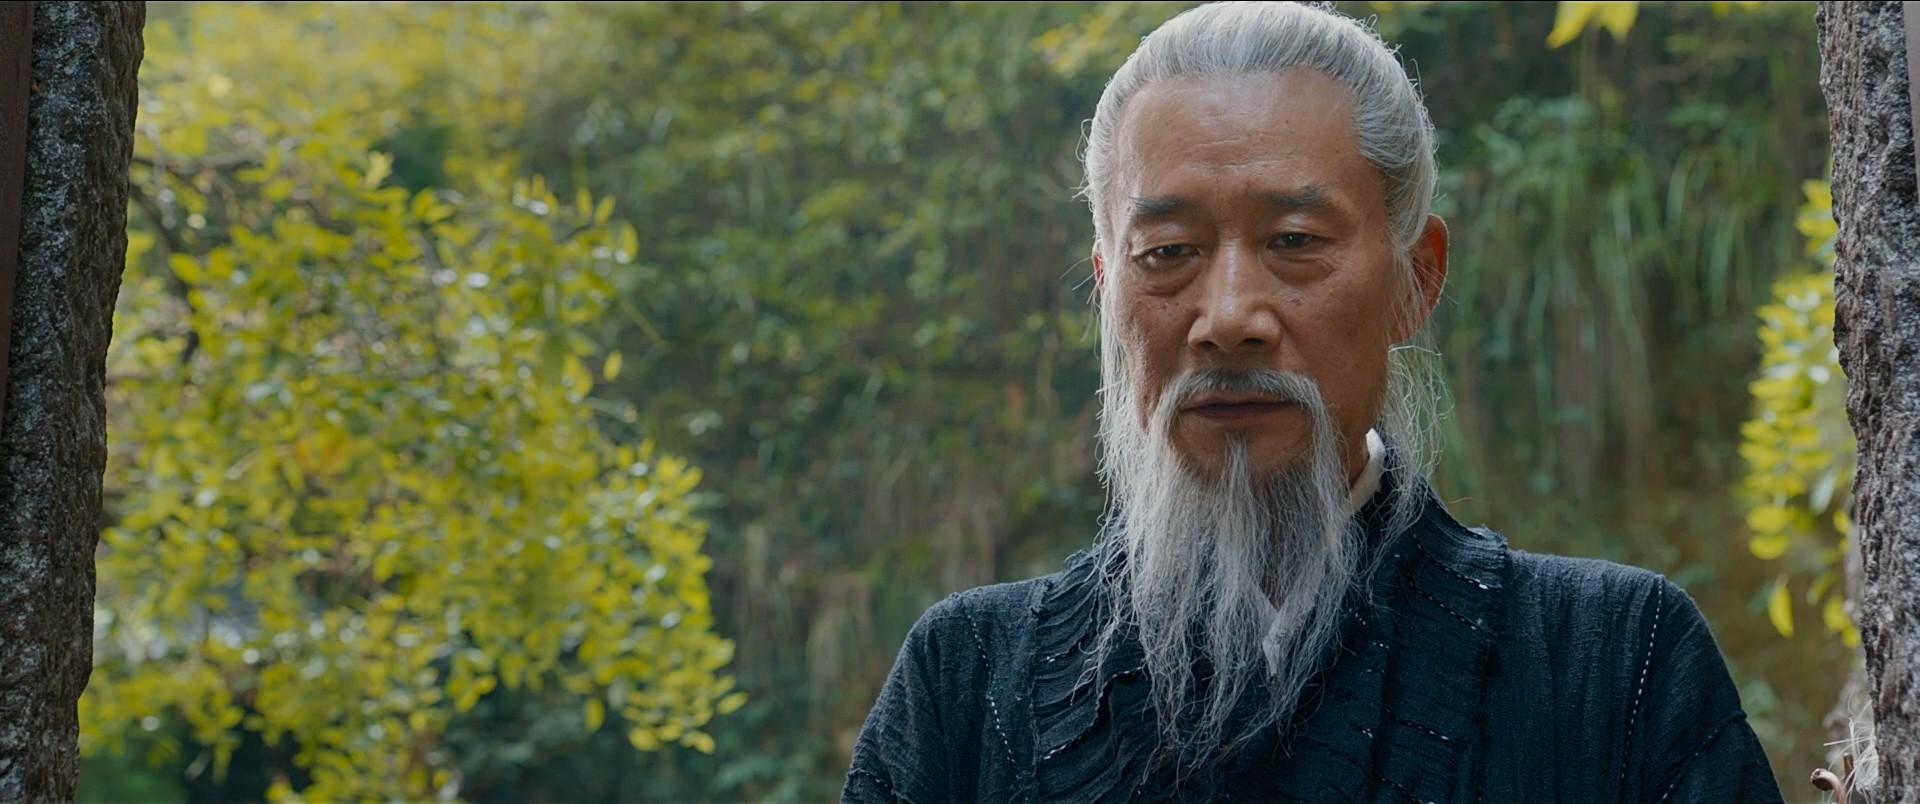 Kung-Fu Keşiş (2015) - film indir - türkçe dublaj indir